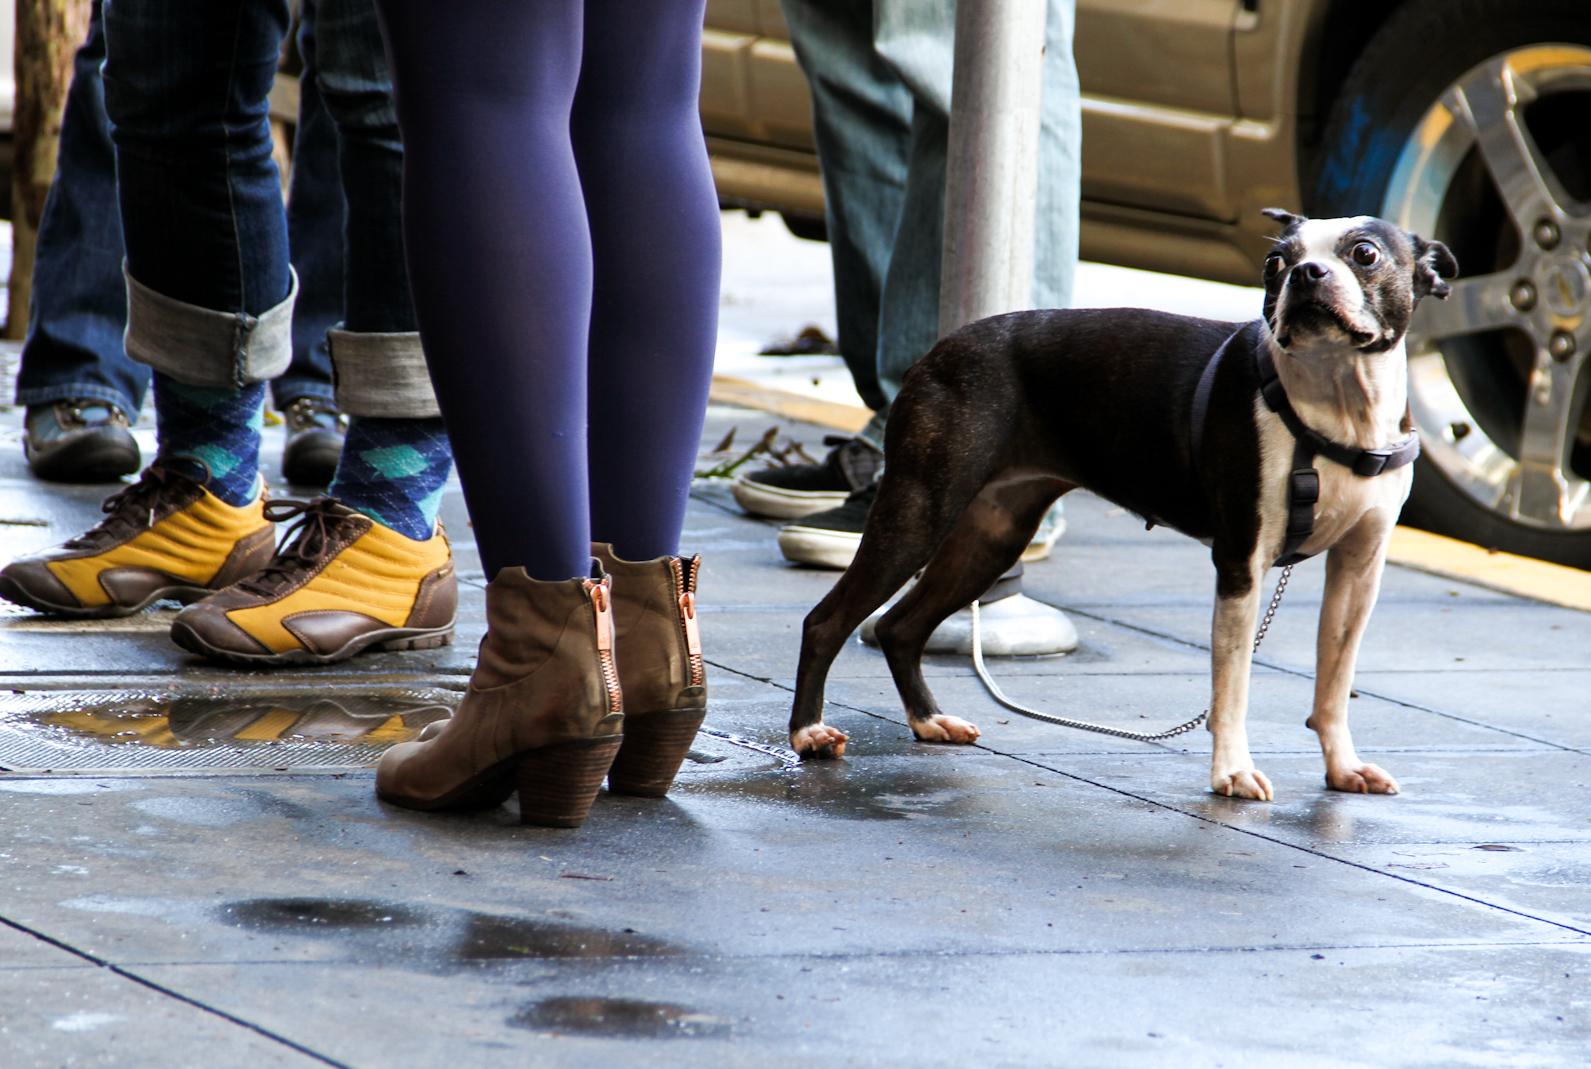 A French Bulldog mix waits outside.